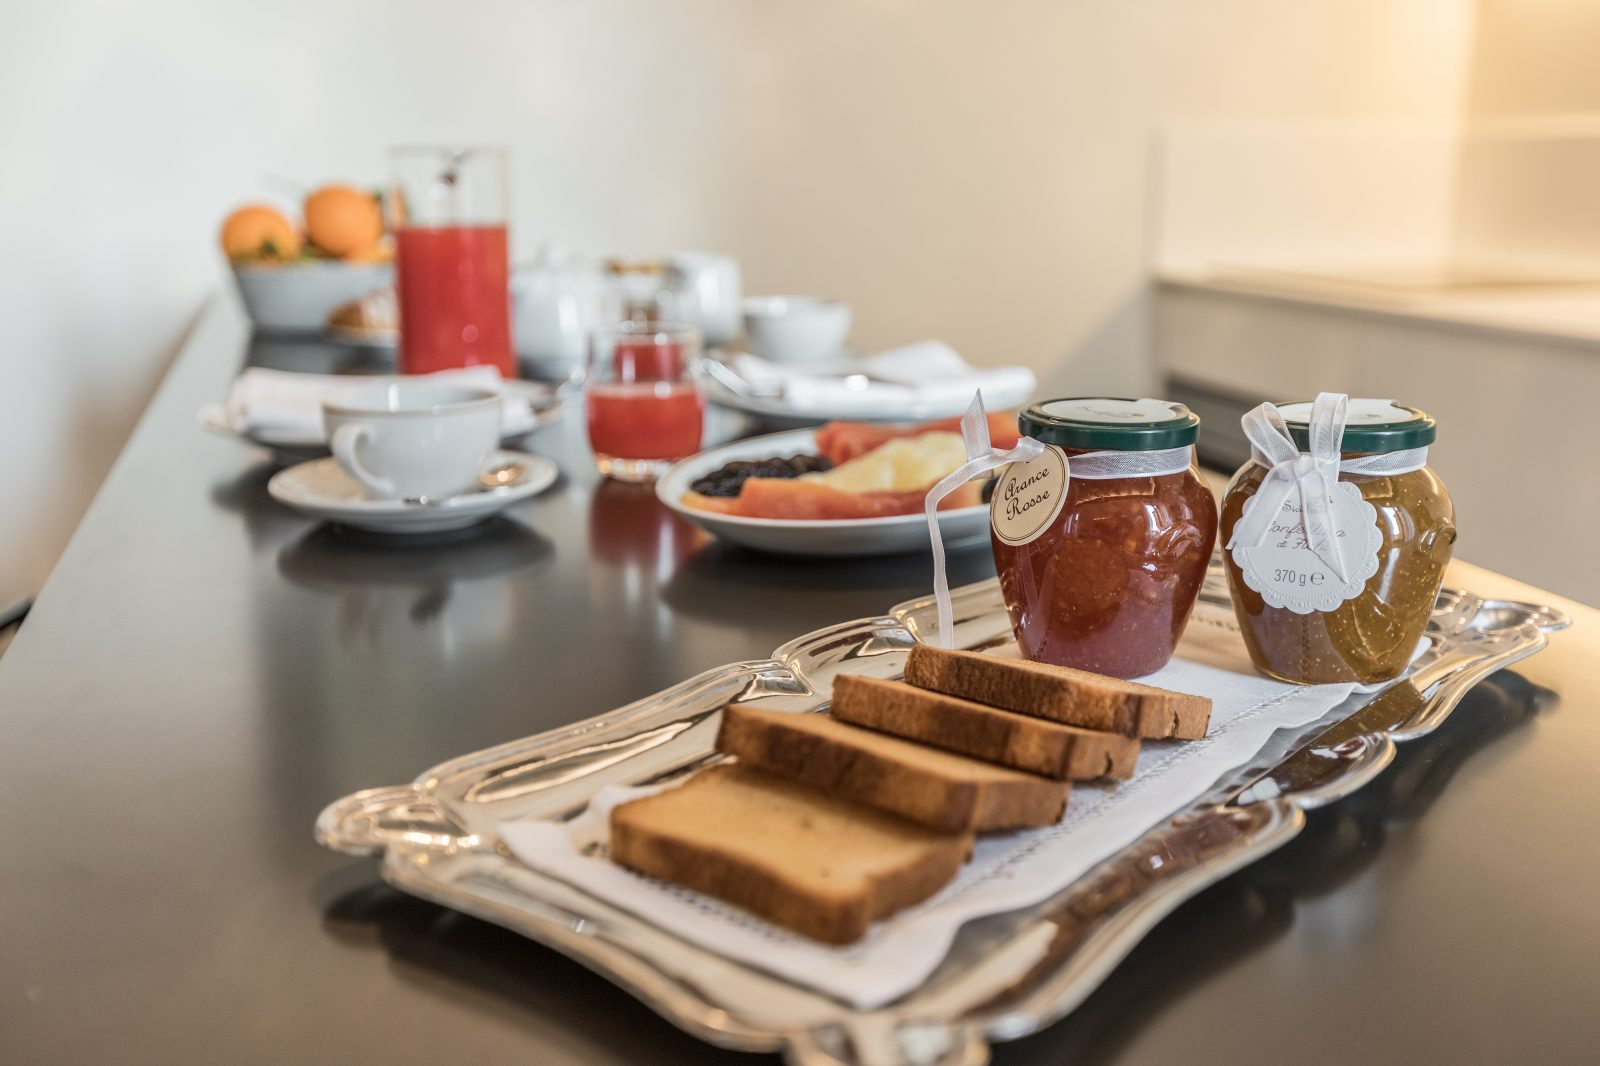 dettagli-colazione-appartamento-rafano-marmellata-confettura-fette-biscottate-vassoio-argento-succo-frutta-caffè-porcellana-venezia-palazzo-morosini